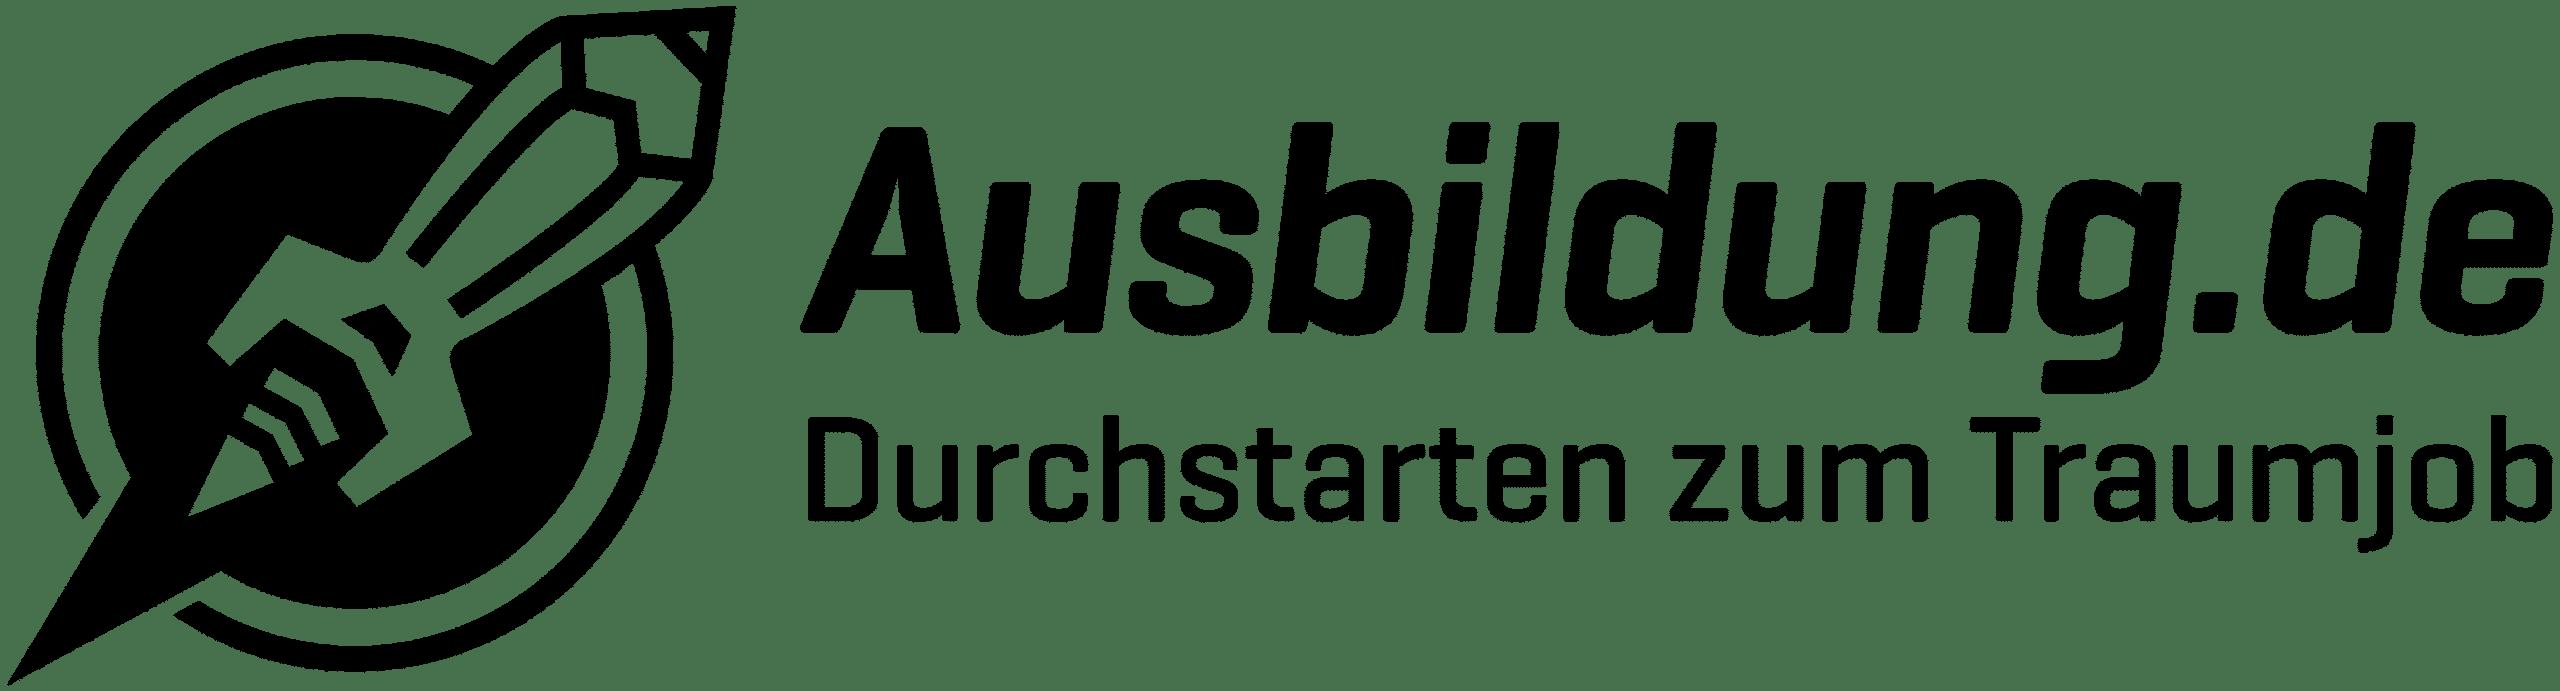 THS. Deutschland offizieller Partner von Ausbildung.de